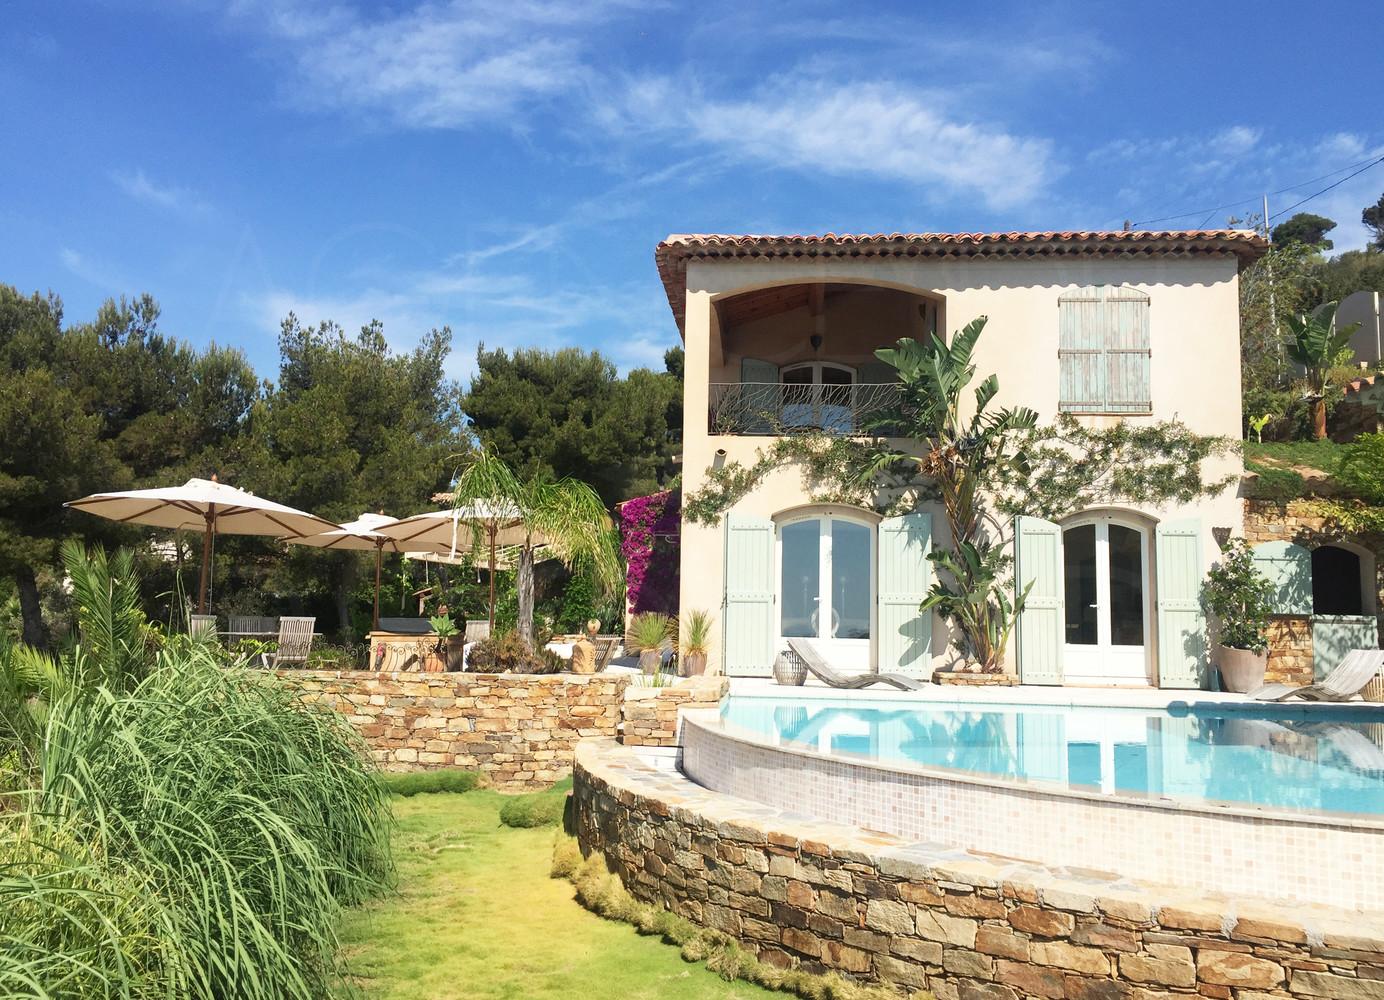 Villa Plein Sud A Carqueiranne Face A La Mer